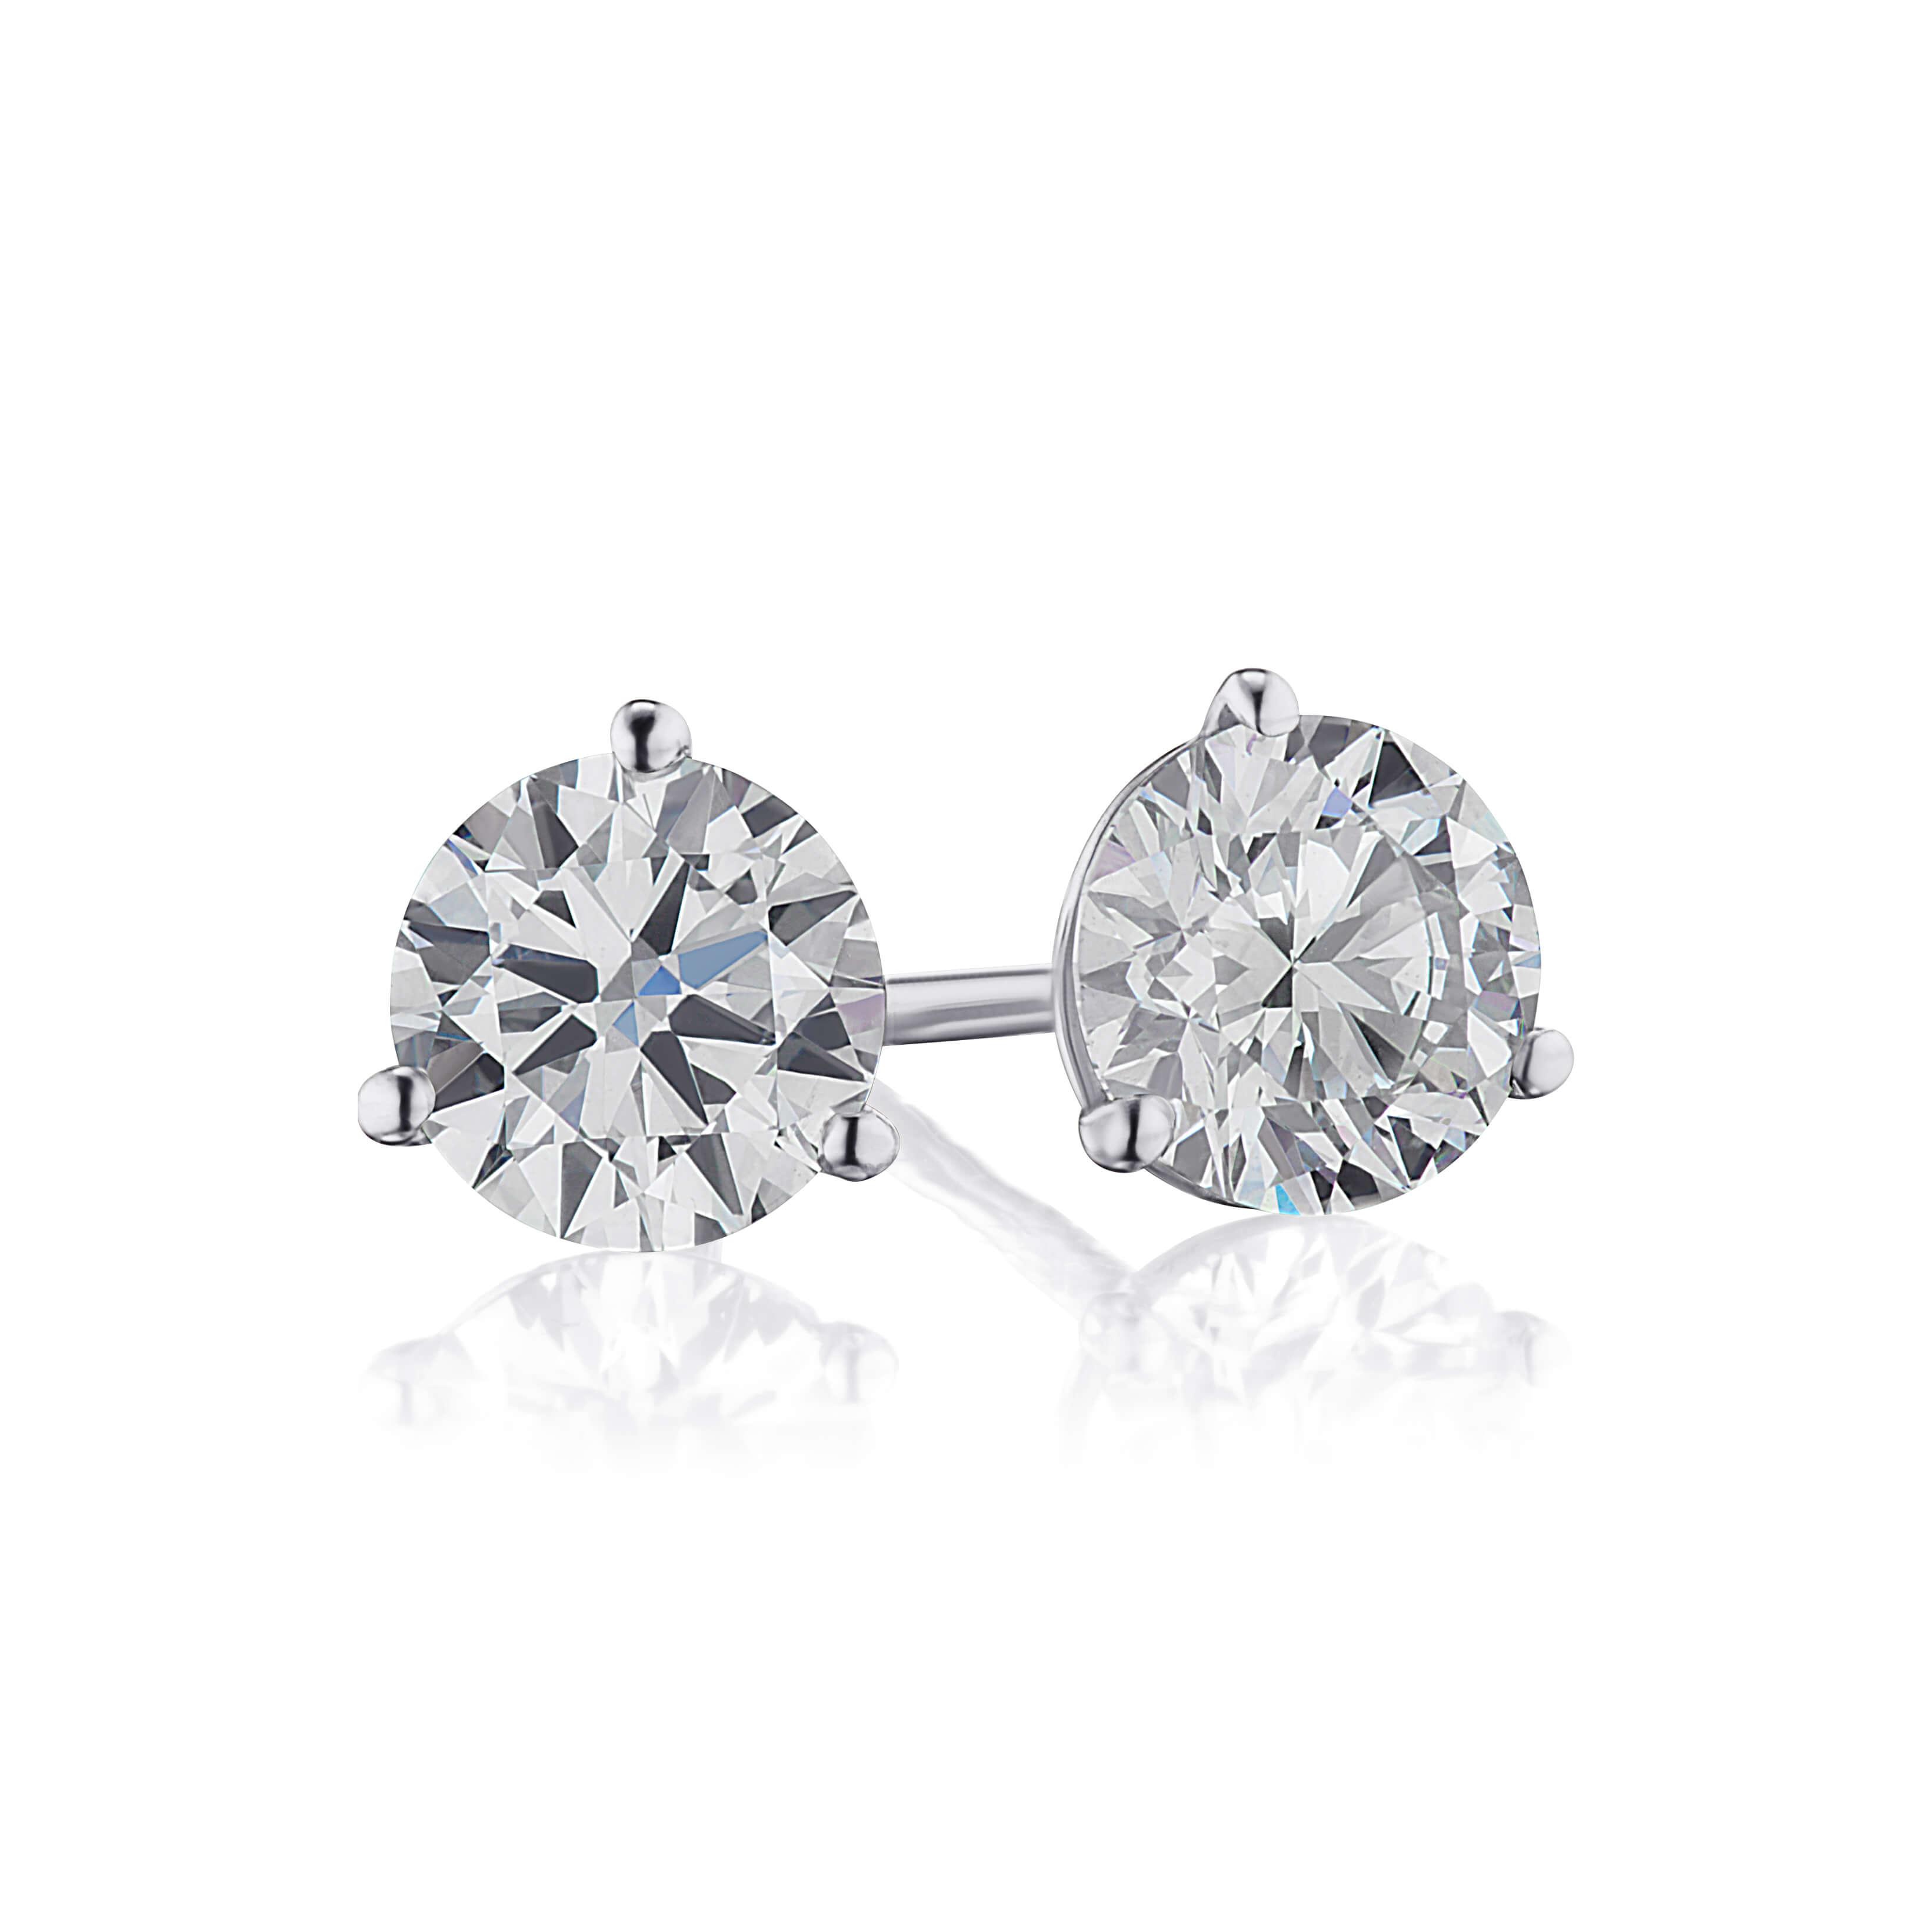 1.04ct. Diamond Stud Earrings